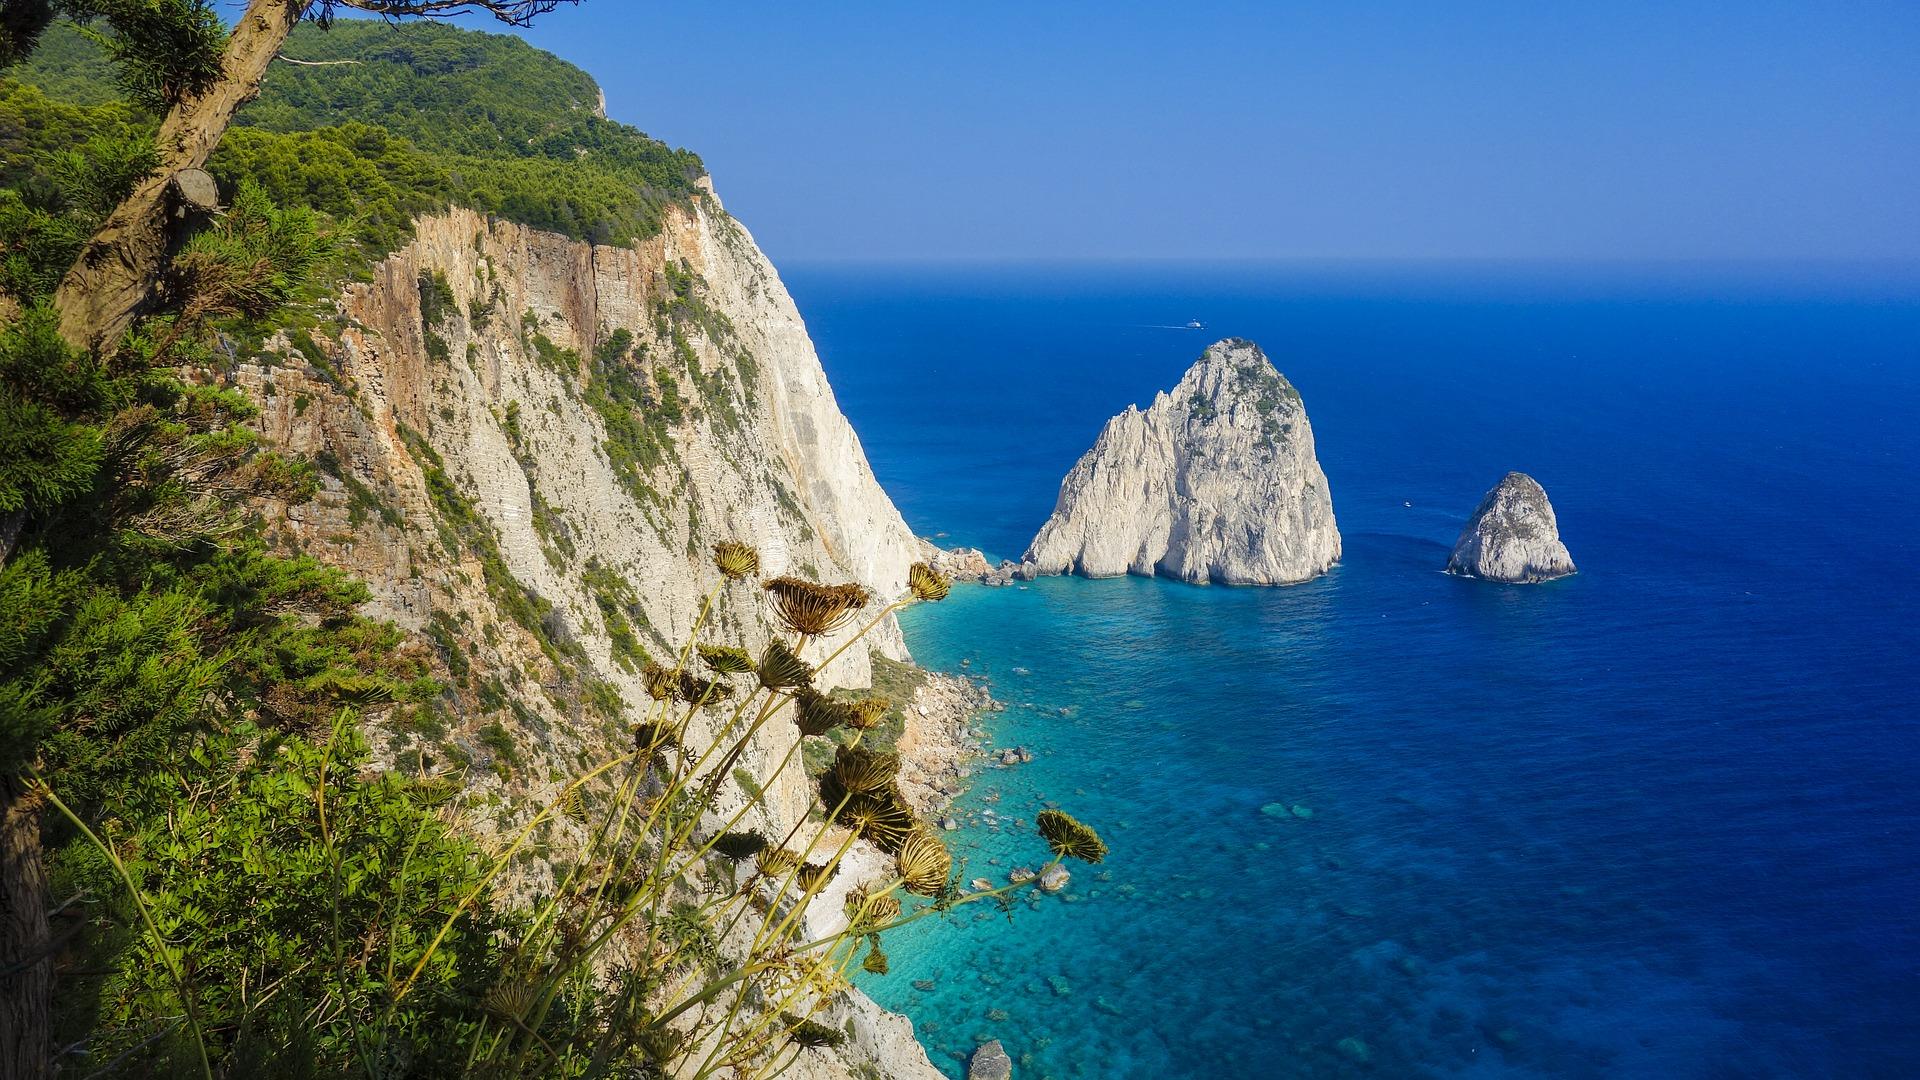 Die fünf schönsten Inseln Griechenlands - Griechenland_stellt_mit_ber_3000_Inseln_80_Prozent_aller_InselnC6vZul